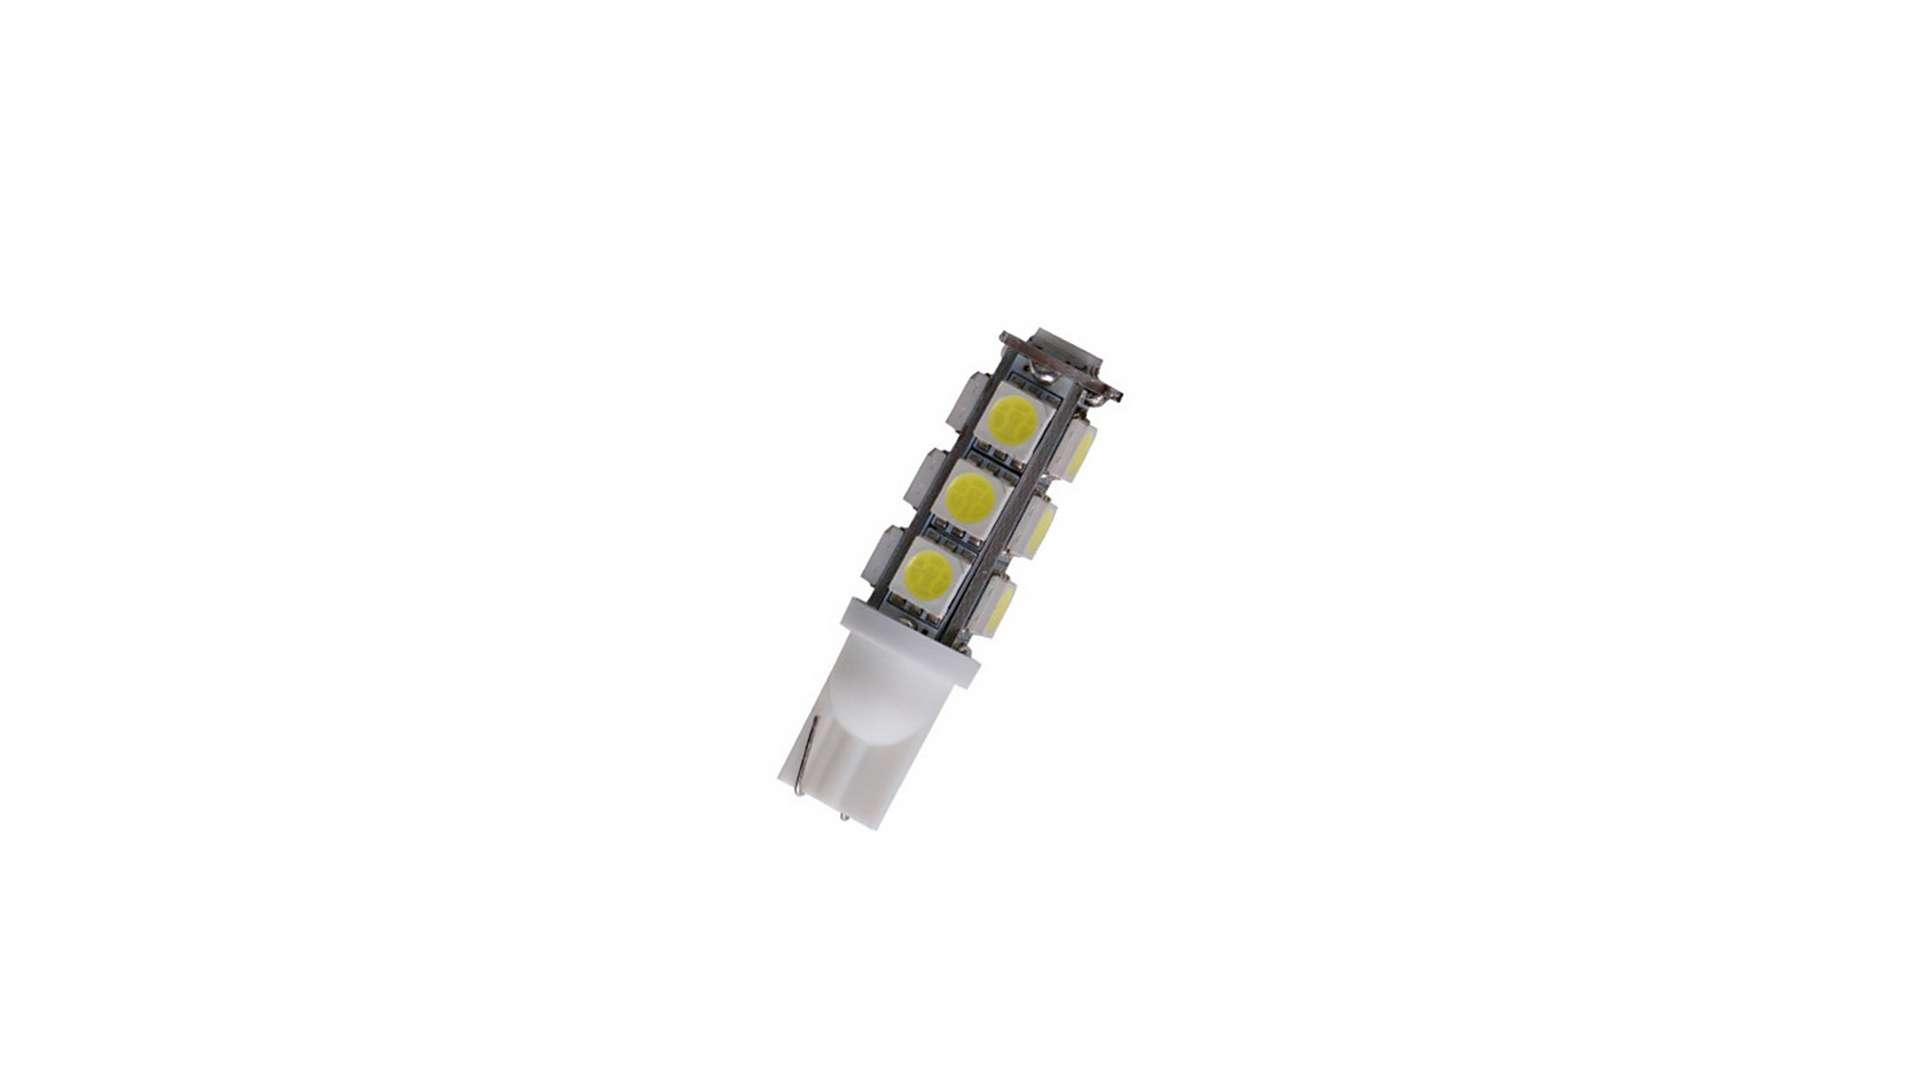 Dioda LED W5W 13x5050 SMD 12V DC Biała Zimna